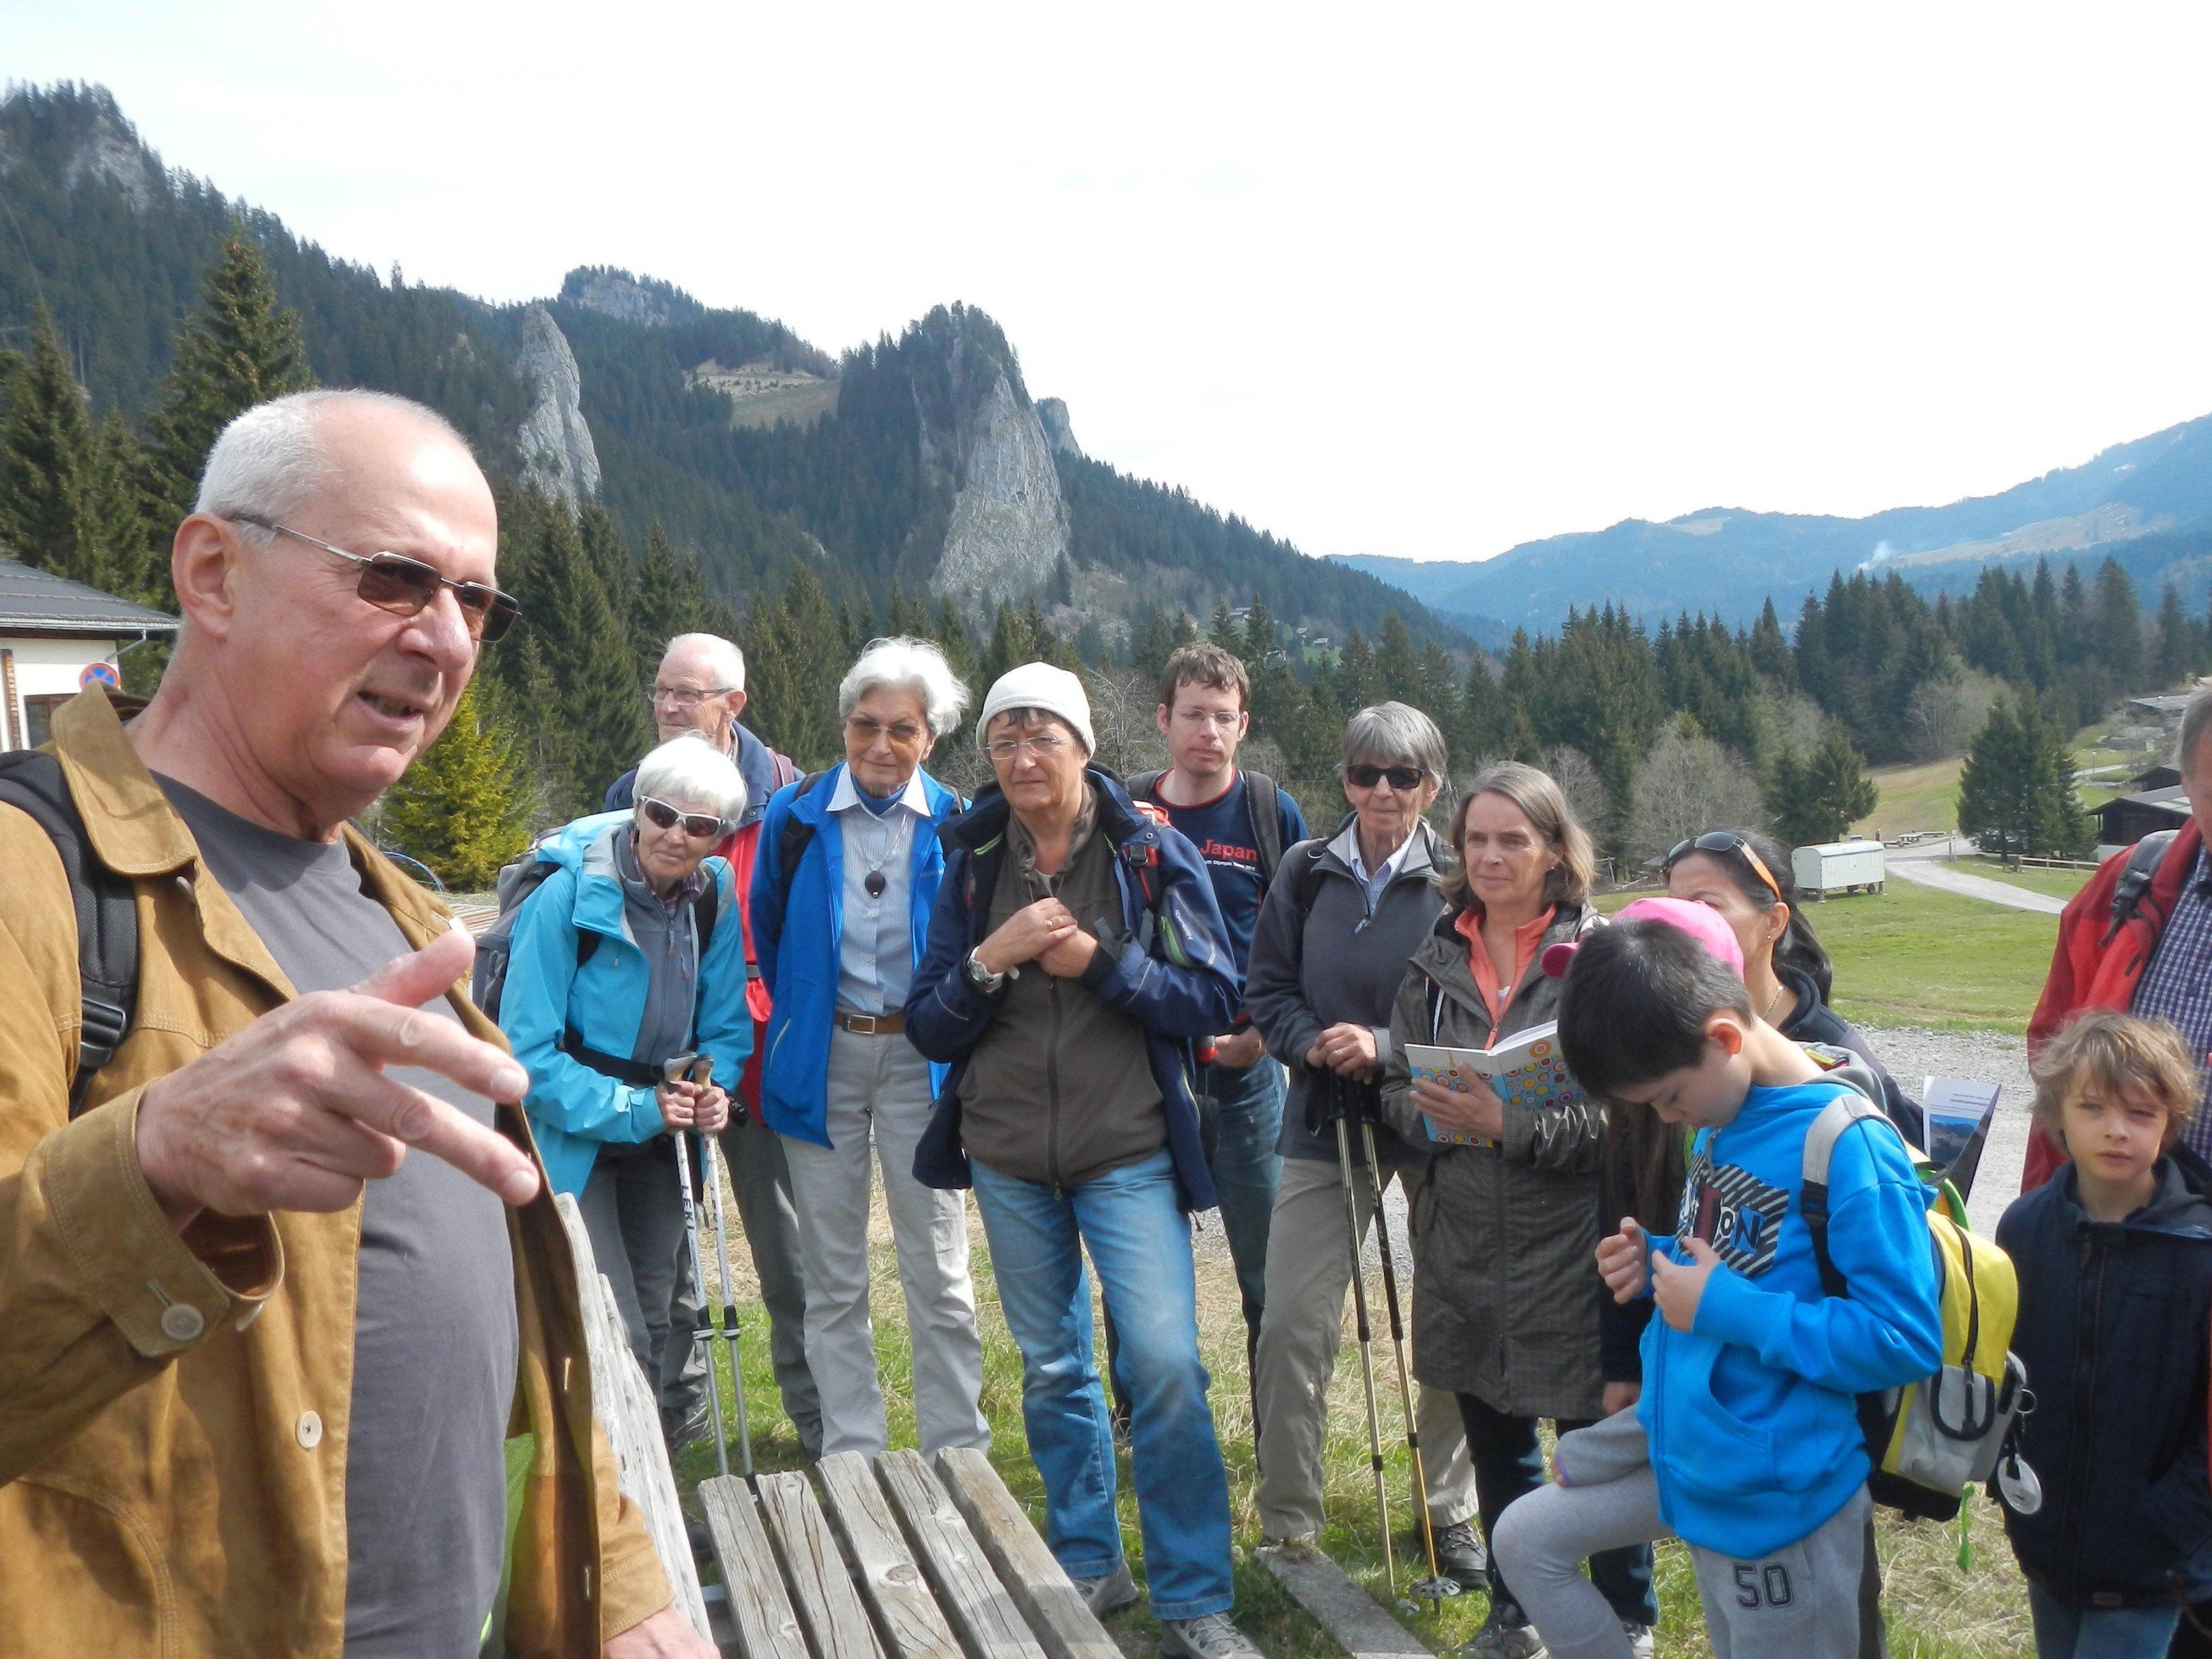 Flechtenexperte Univ. Prof. em. Dr. Roman Türk und interessierte Exkursionsteilnehmende im Ebnit